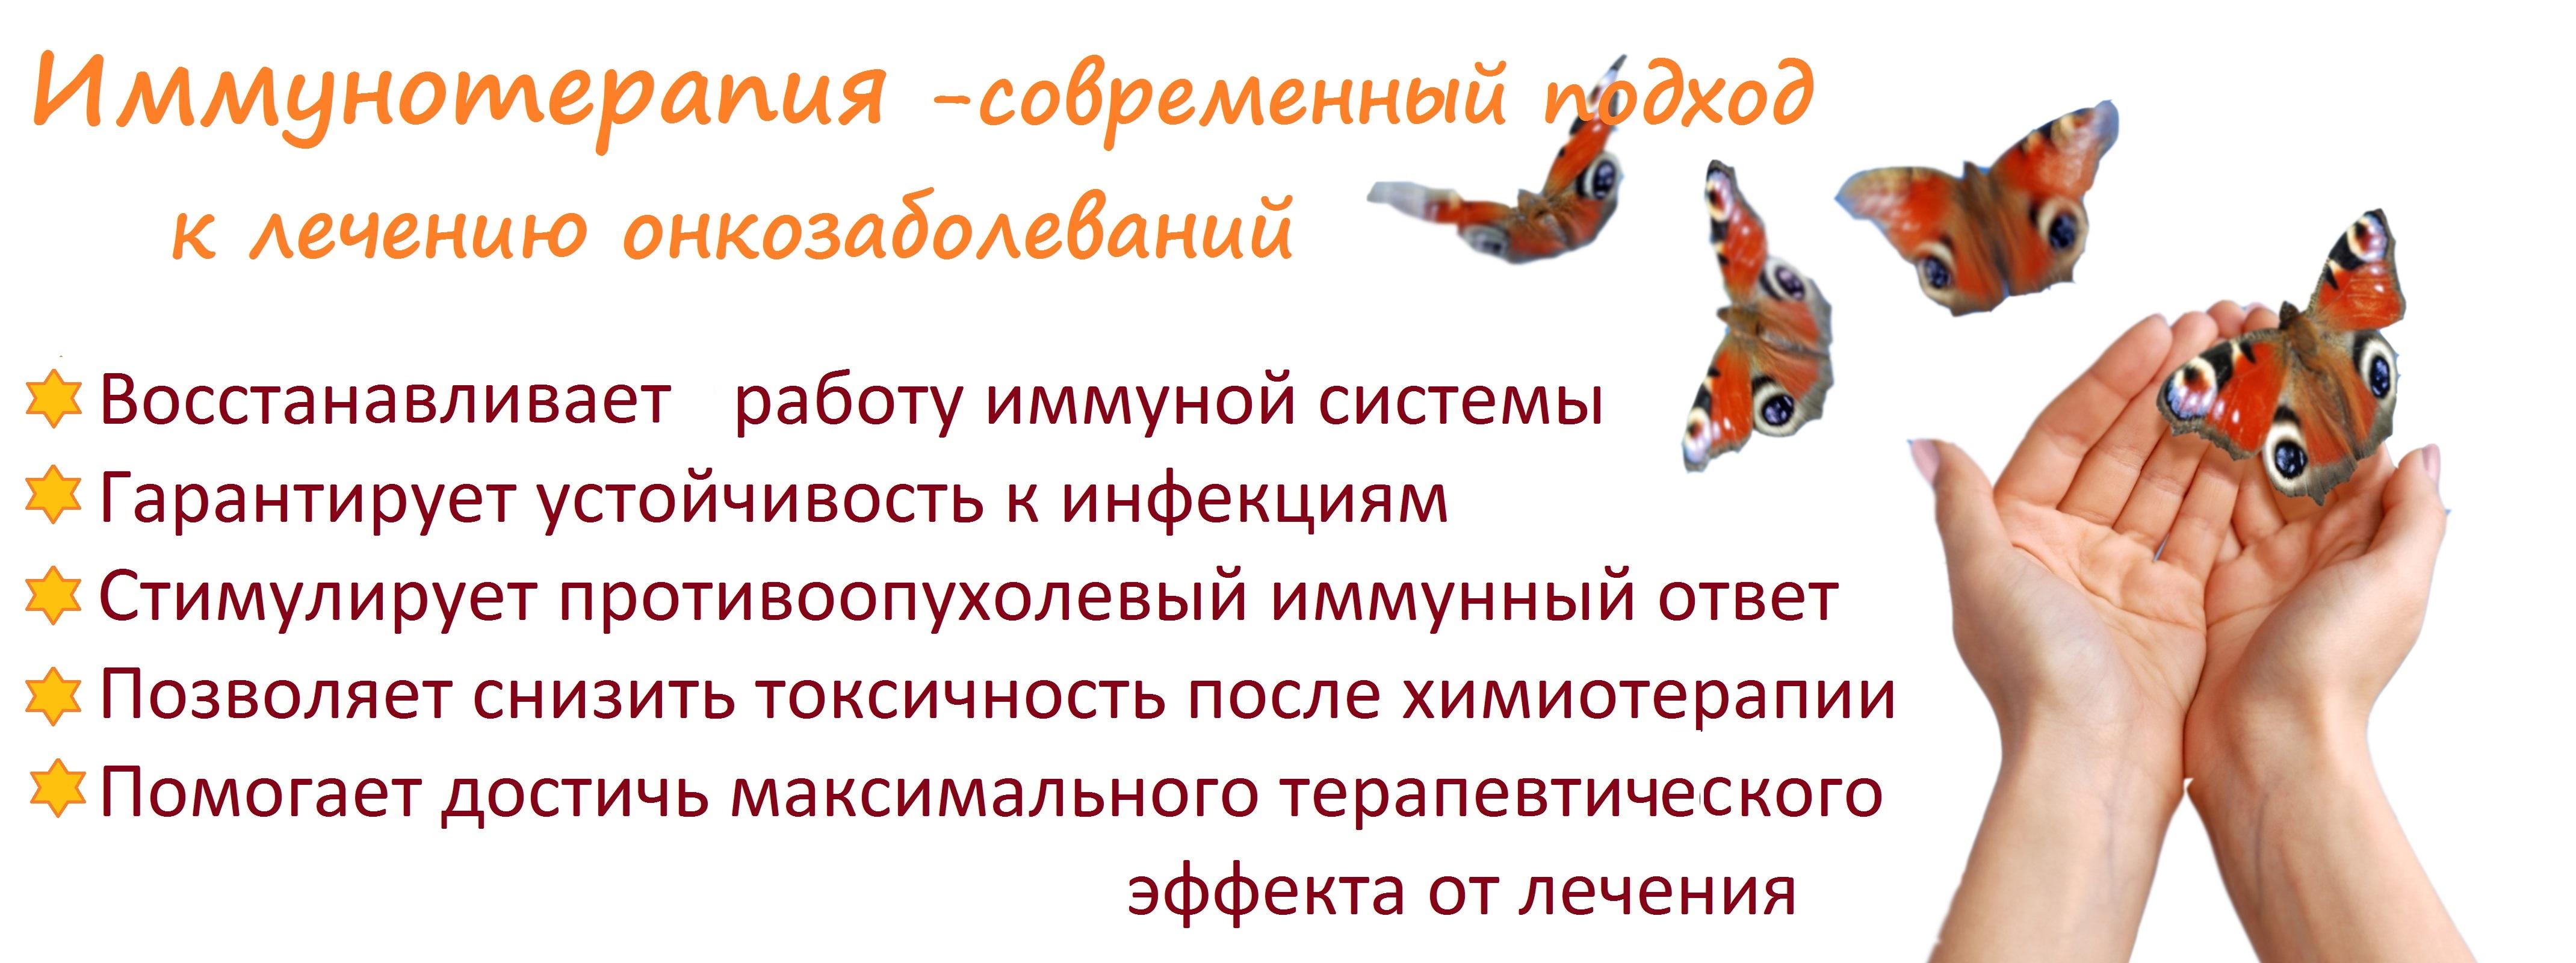 Лечение рака иммунотерапией в Москве